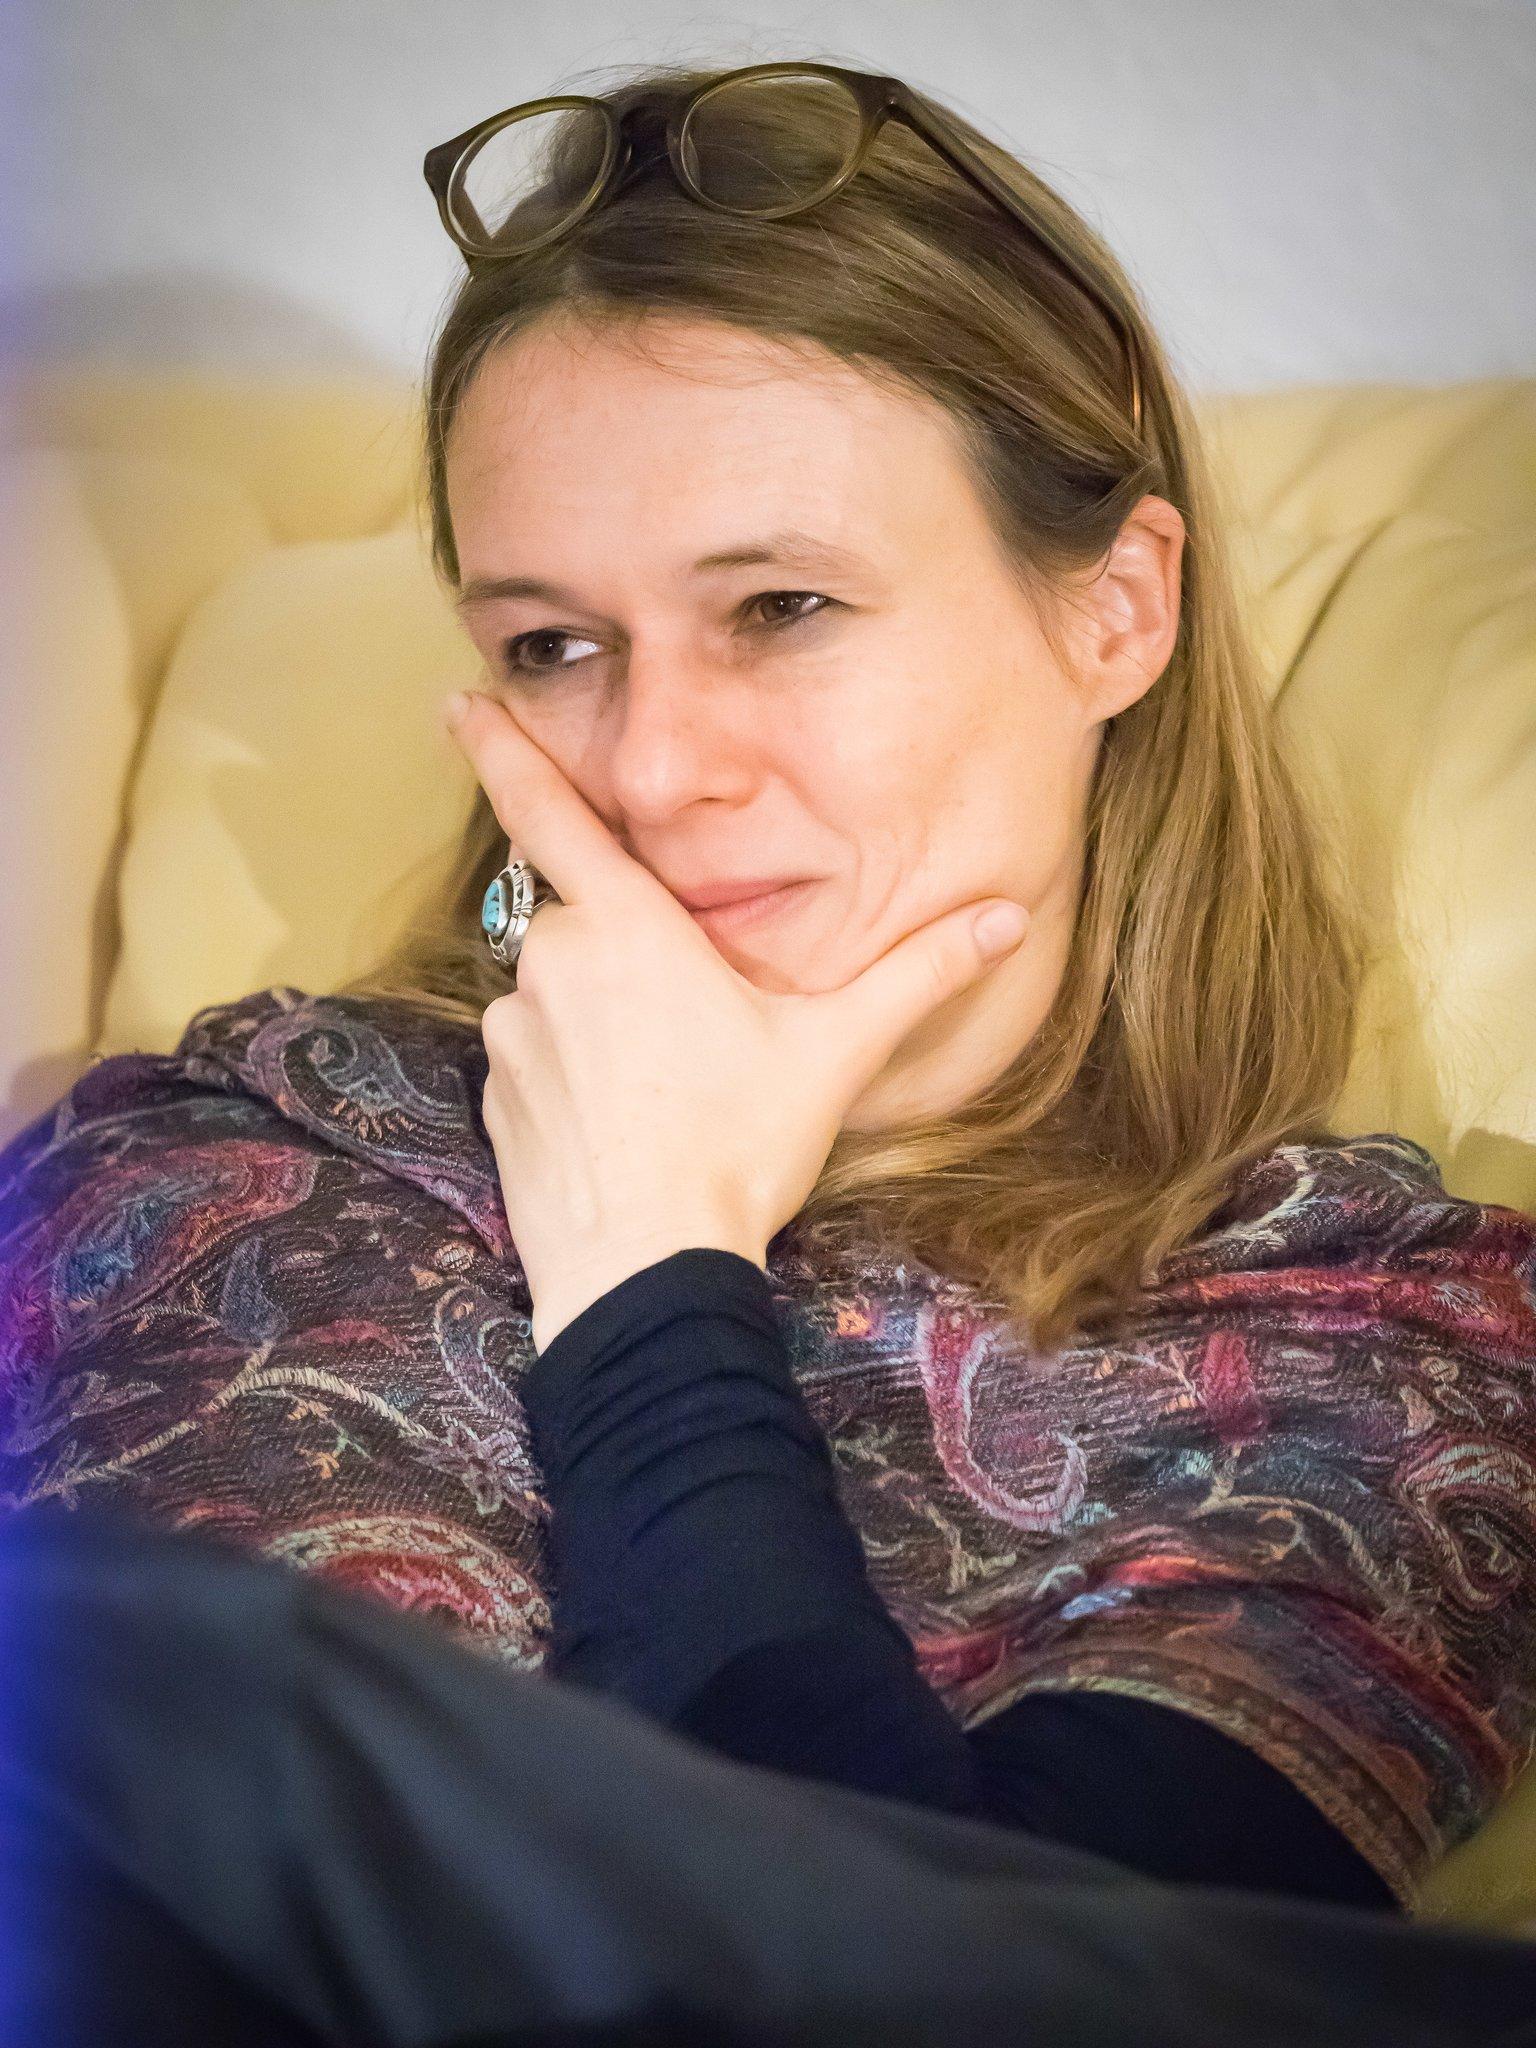 Beste singlebrse ottensheim - Singlebrse kostenlos mureck